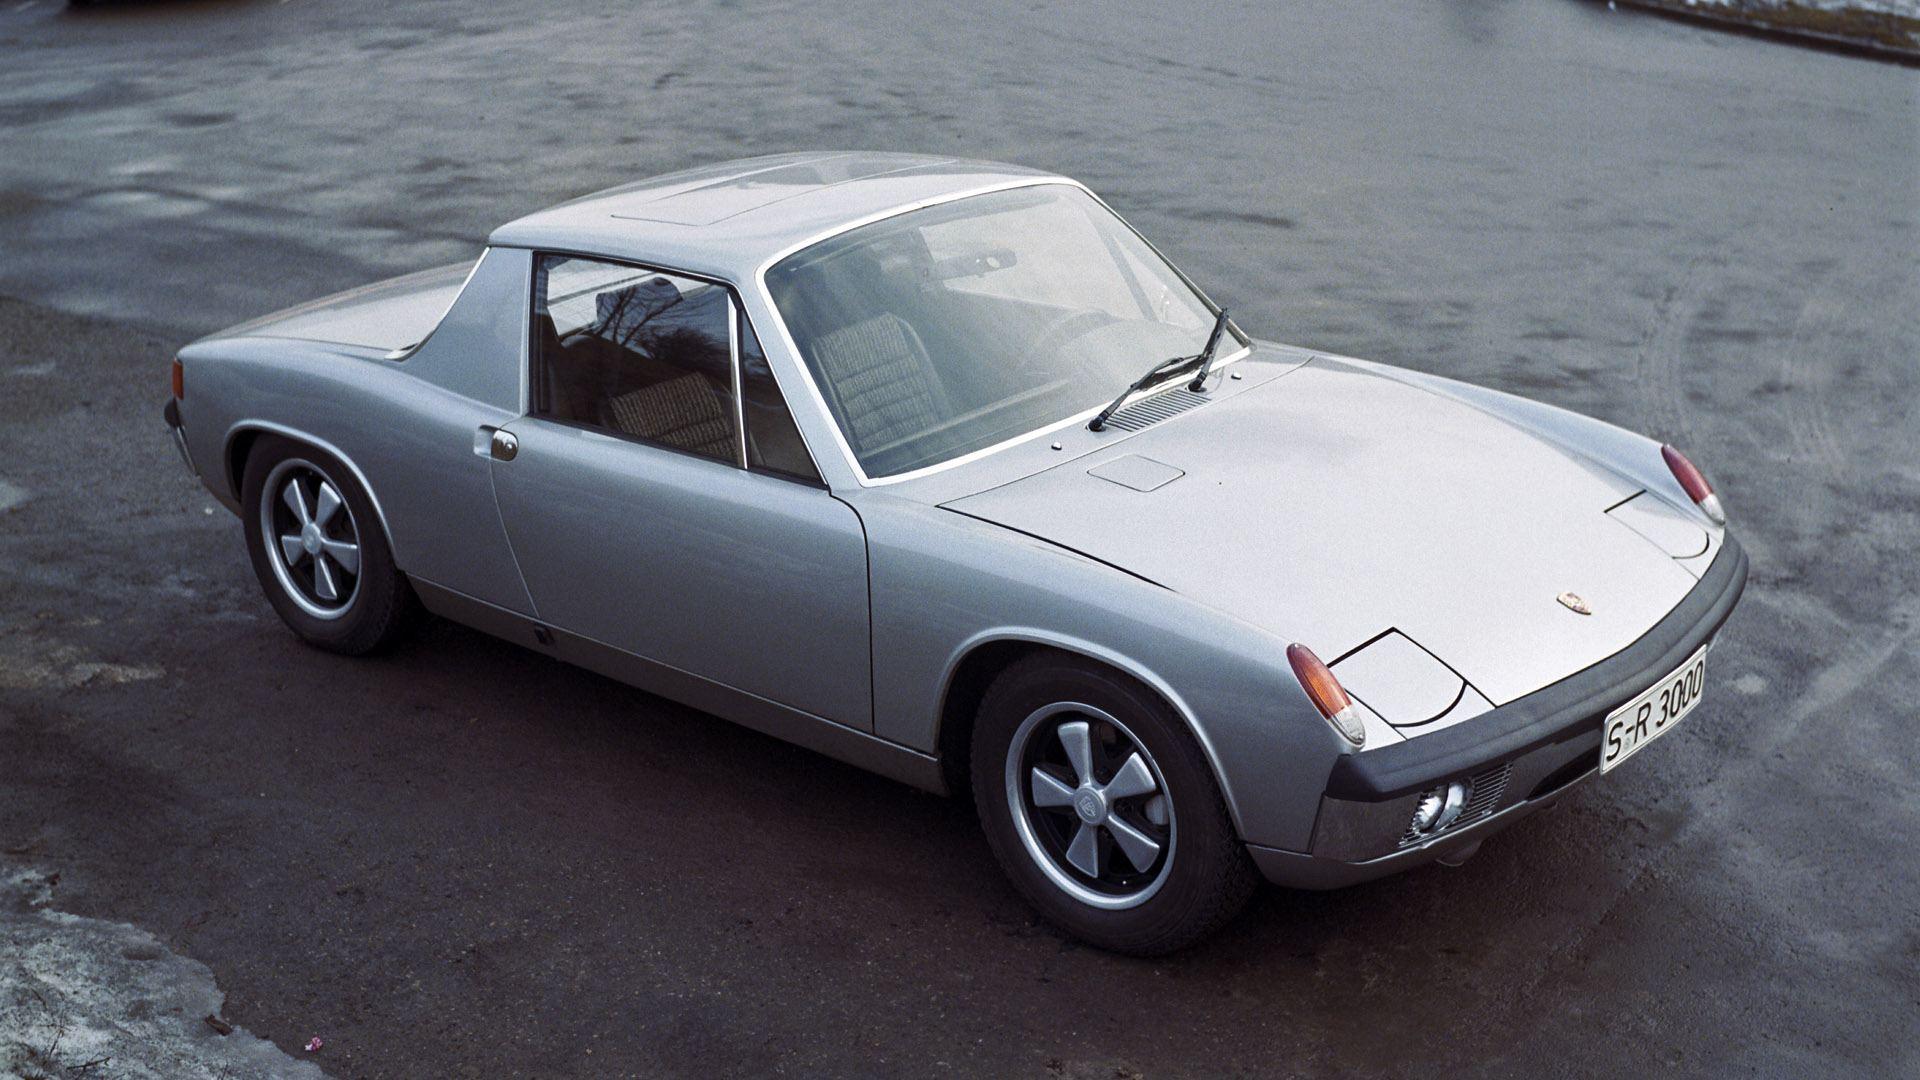 Nacido como el primero de una saga, el Porsche 914 está de celebración